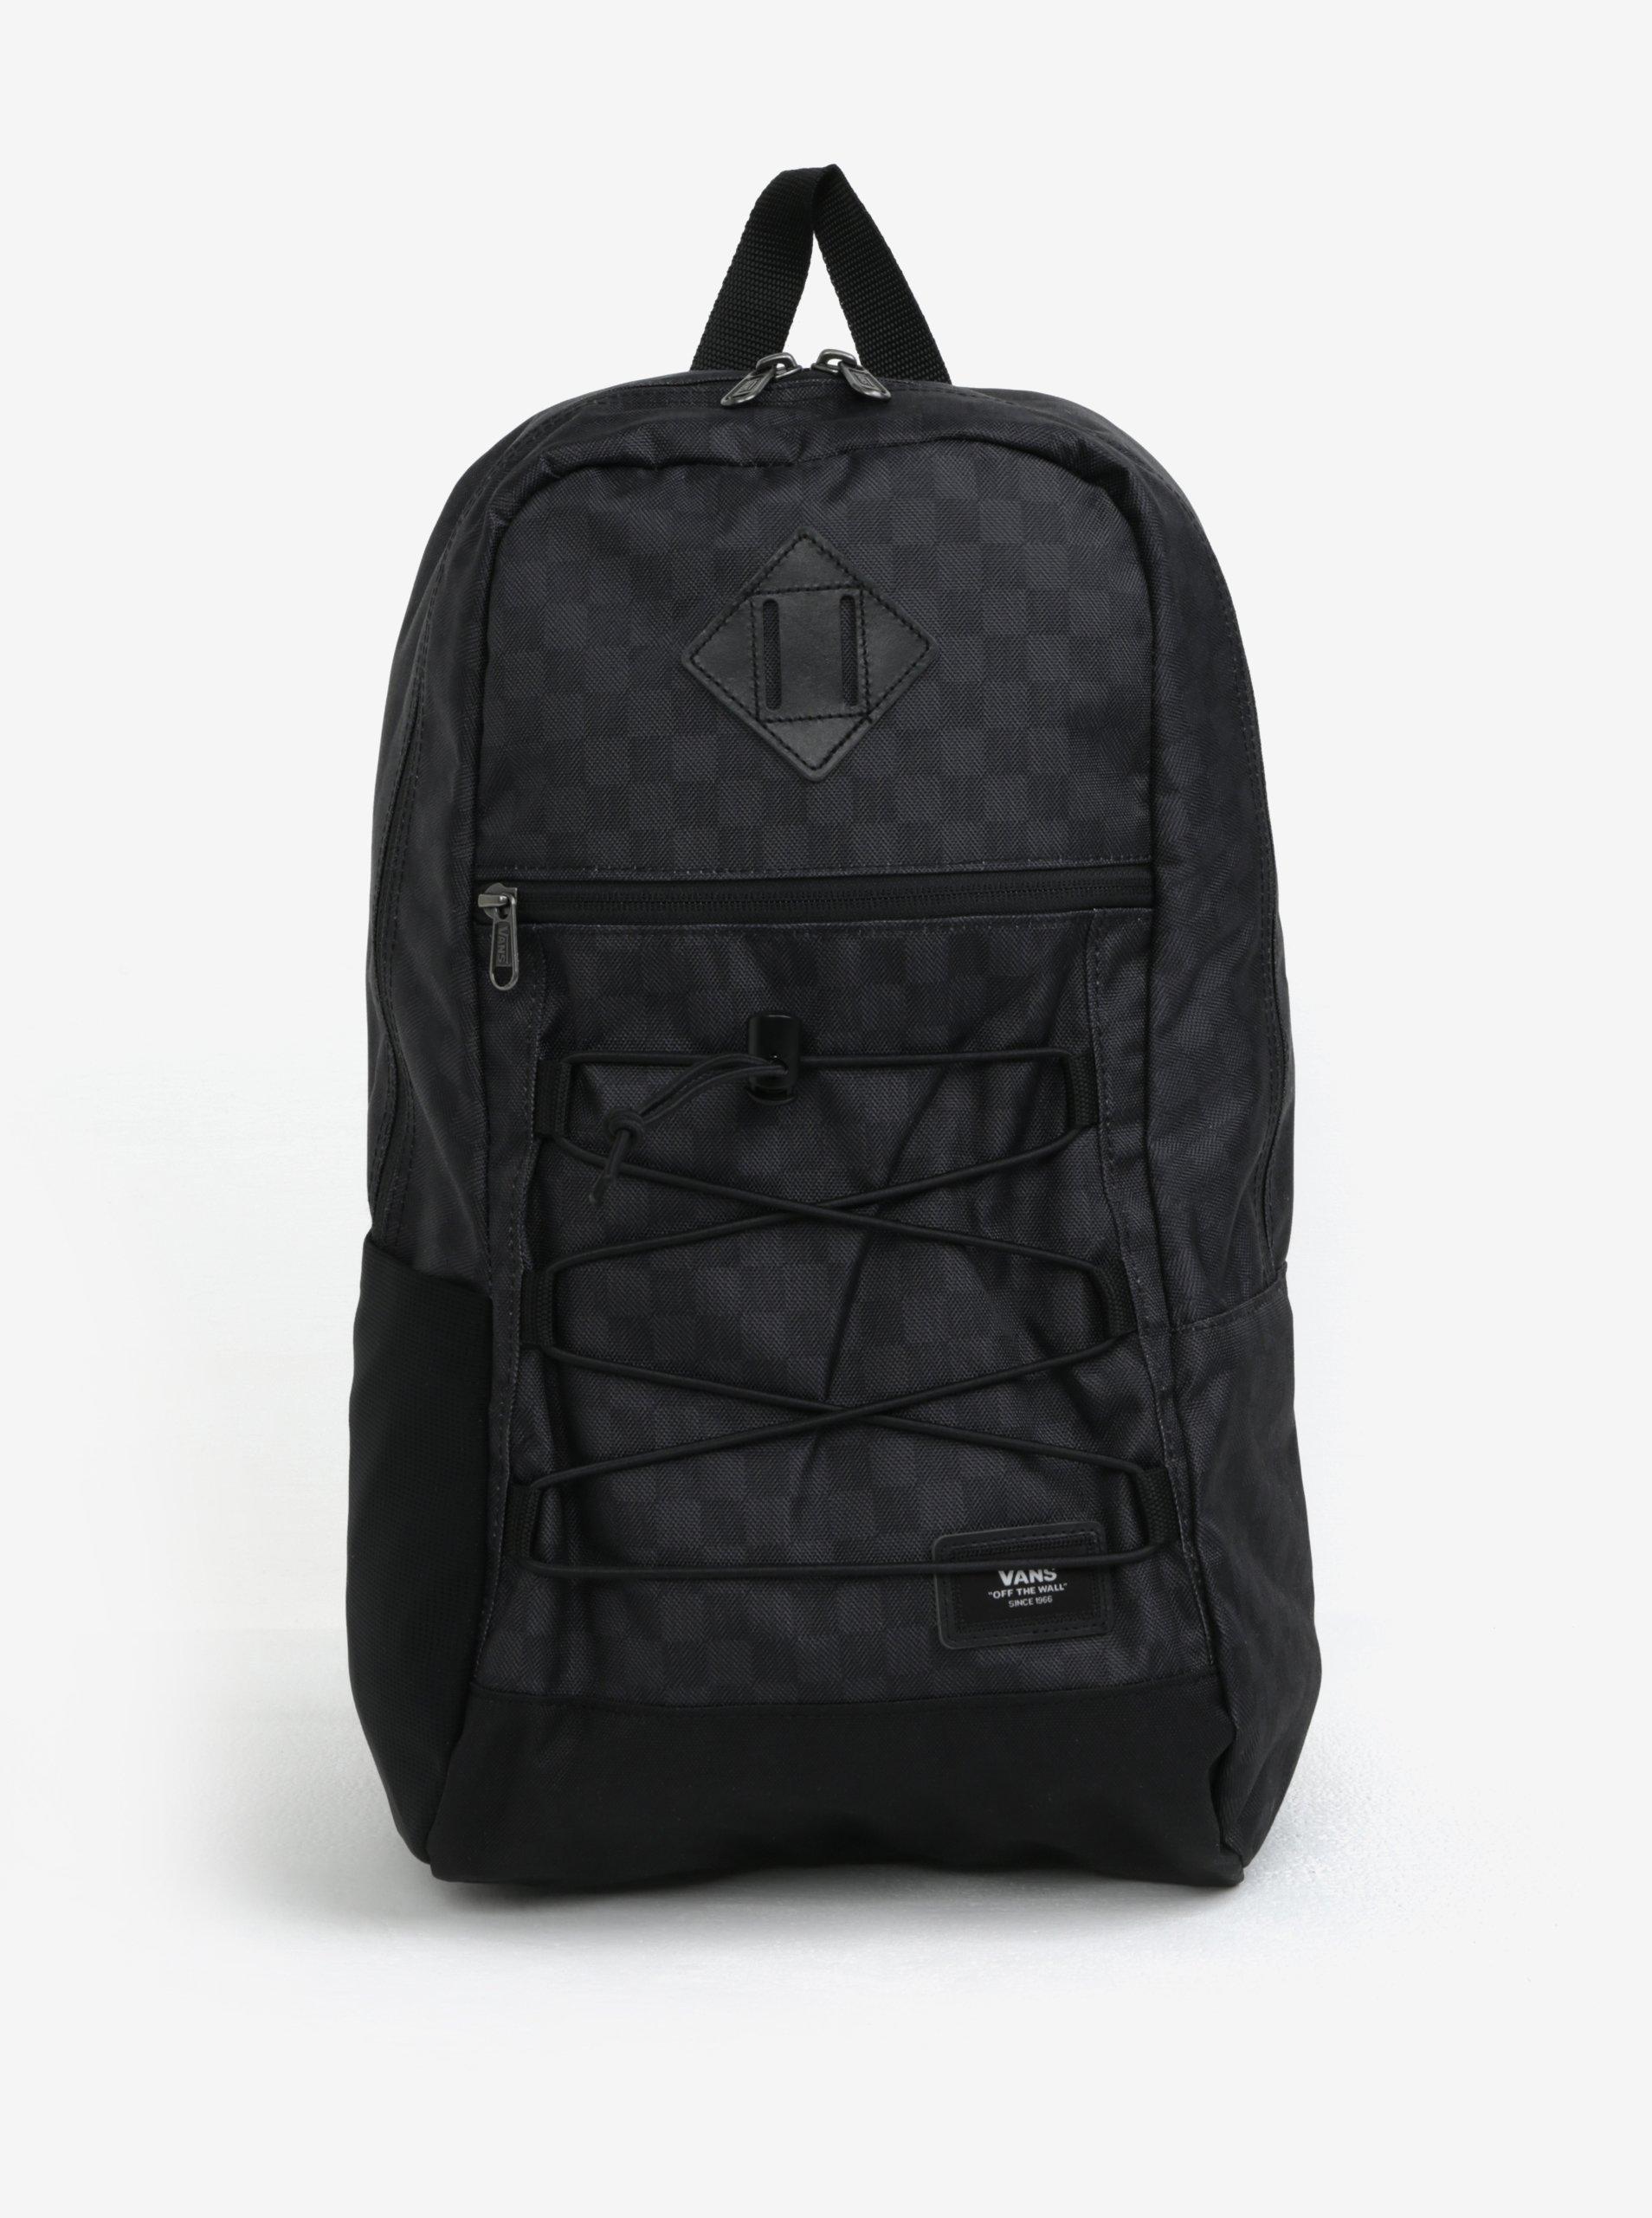 Tmavě šedý pánský batoh s jemným vzorem VANS Snag 18 l